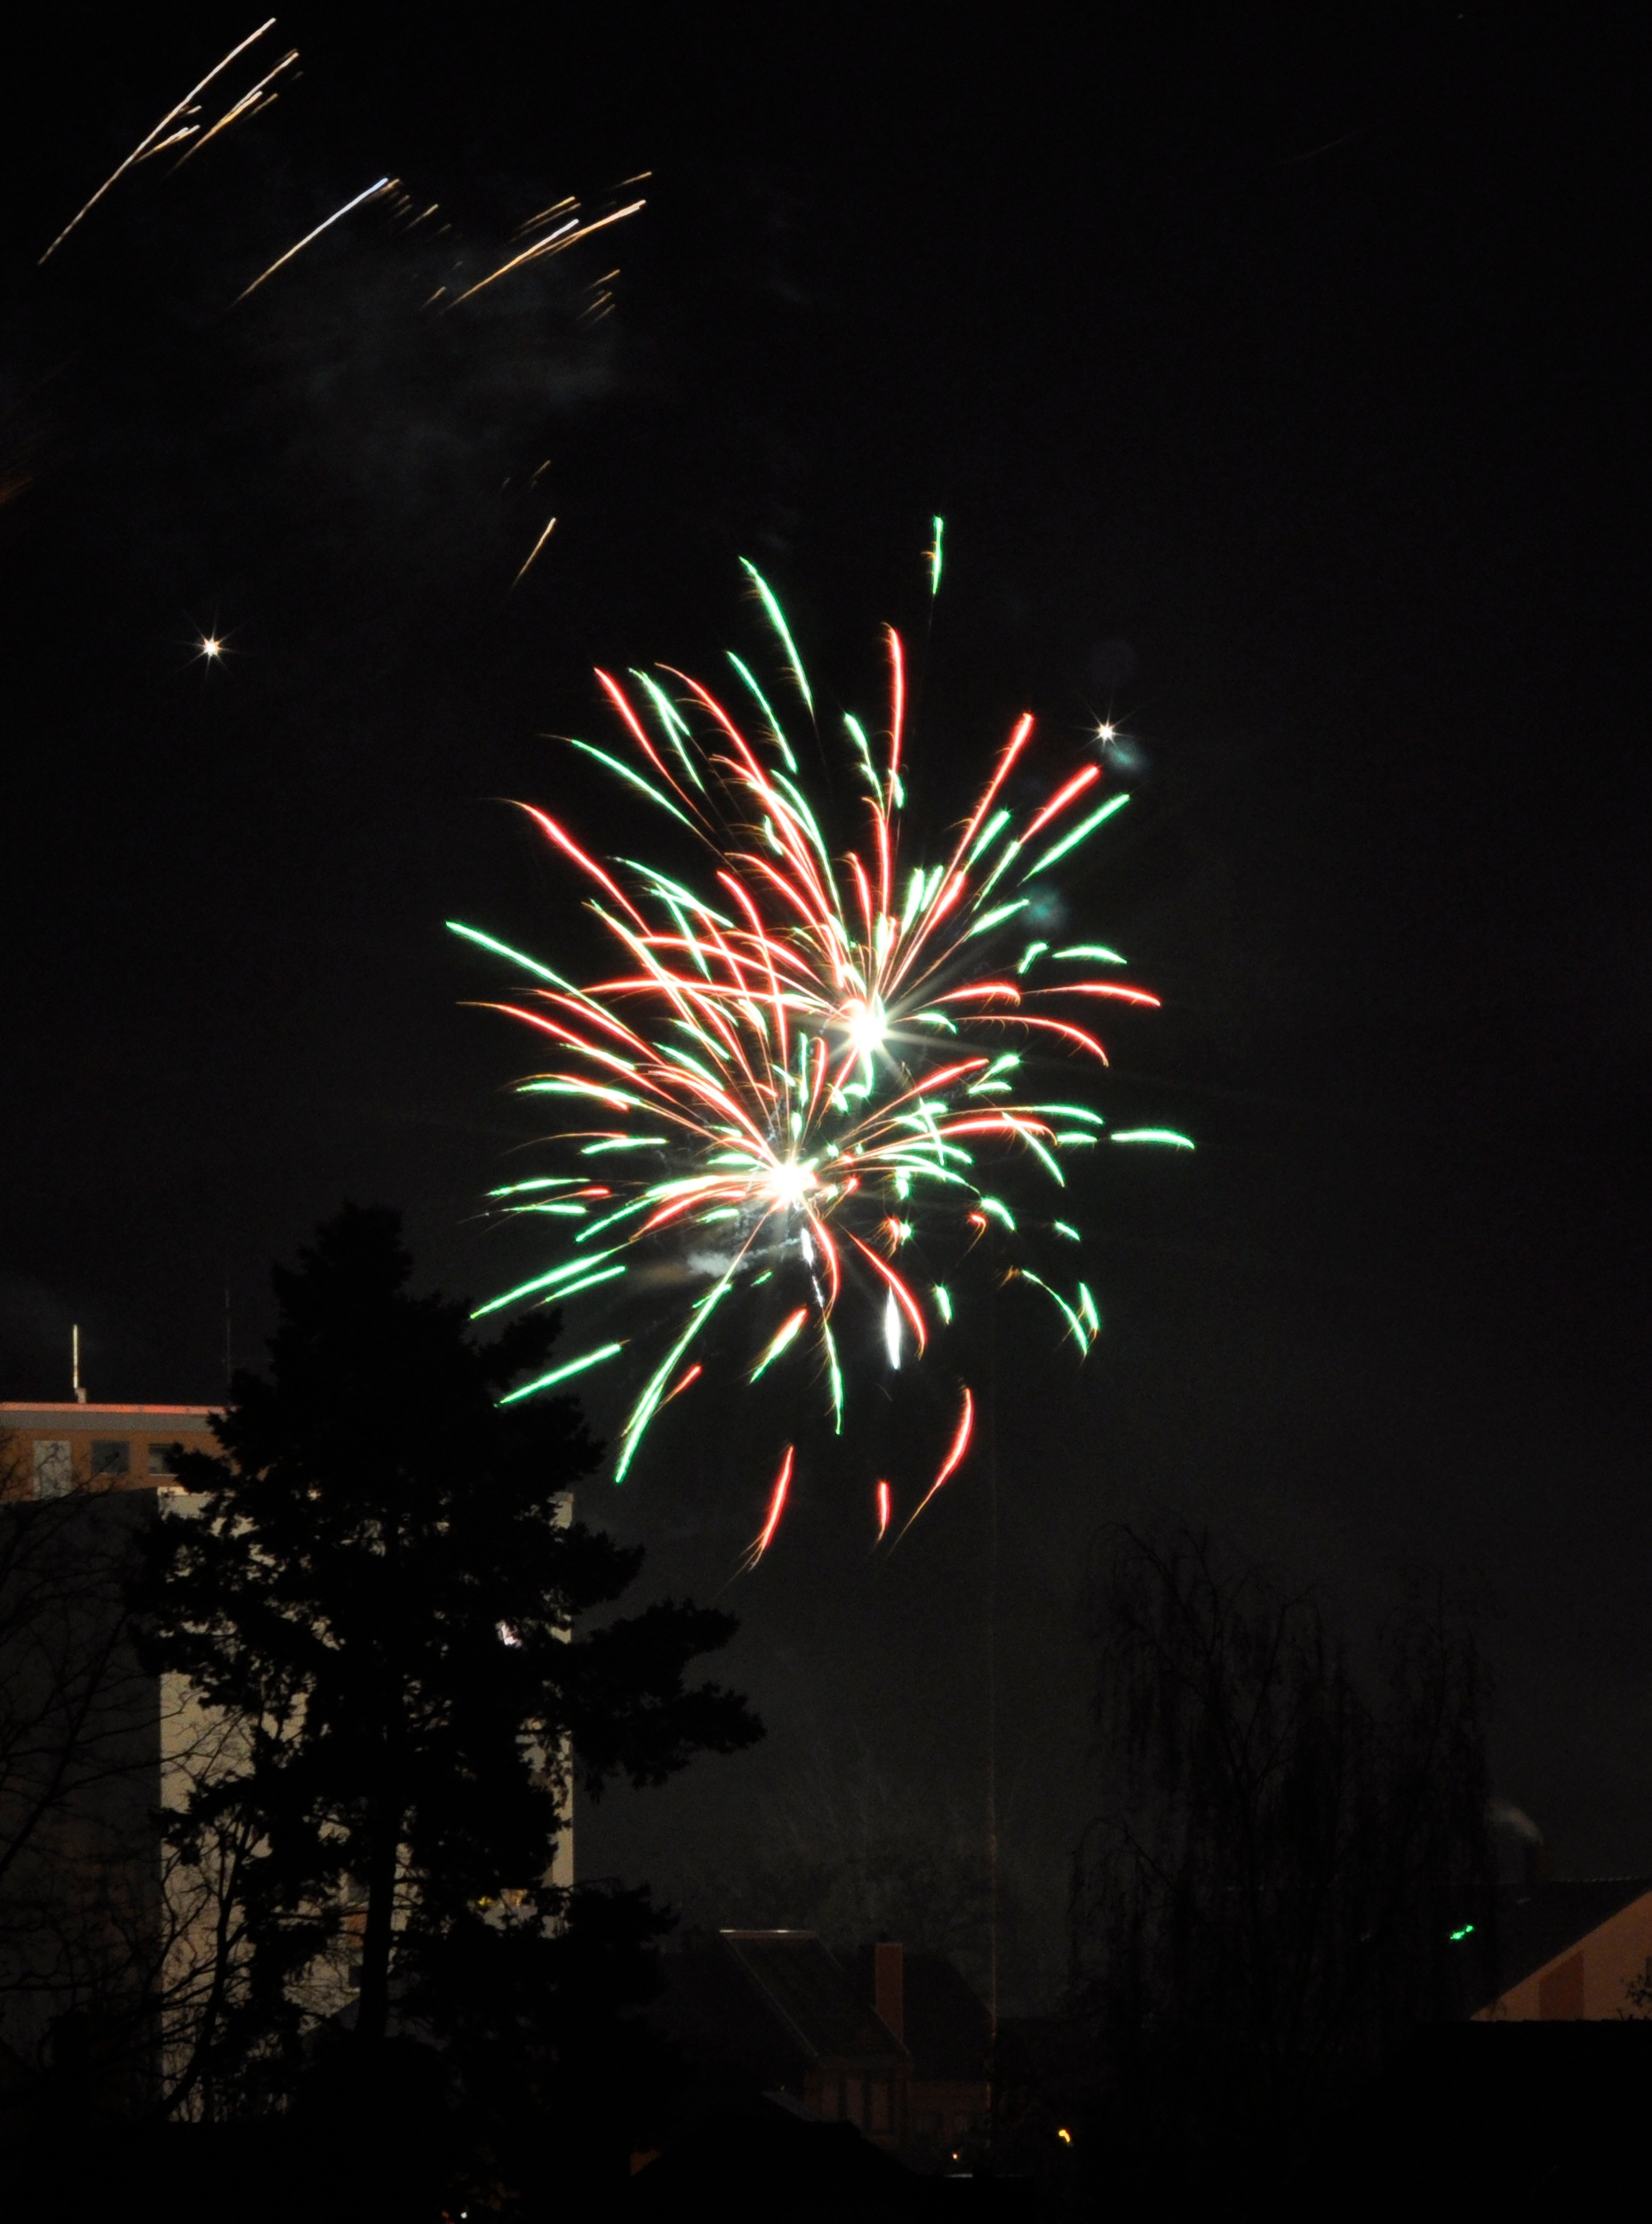 Klicken Sie auf die Grafik für eine größere Ansicht  Name:Silvester 2012 rotgrüne Rakete.JPG Hits:6048 Größe:1,53 MB ID:613683